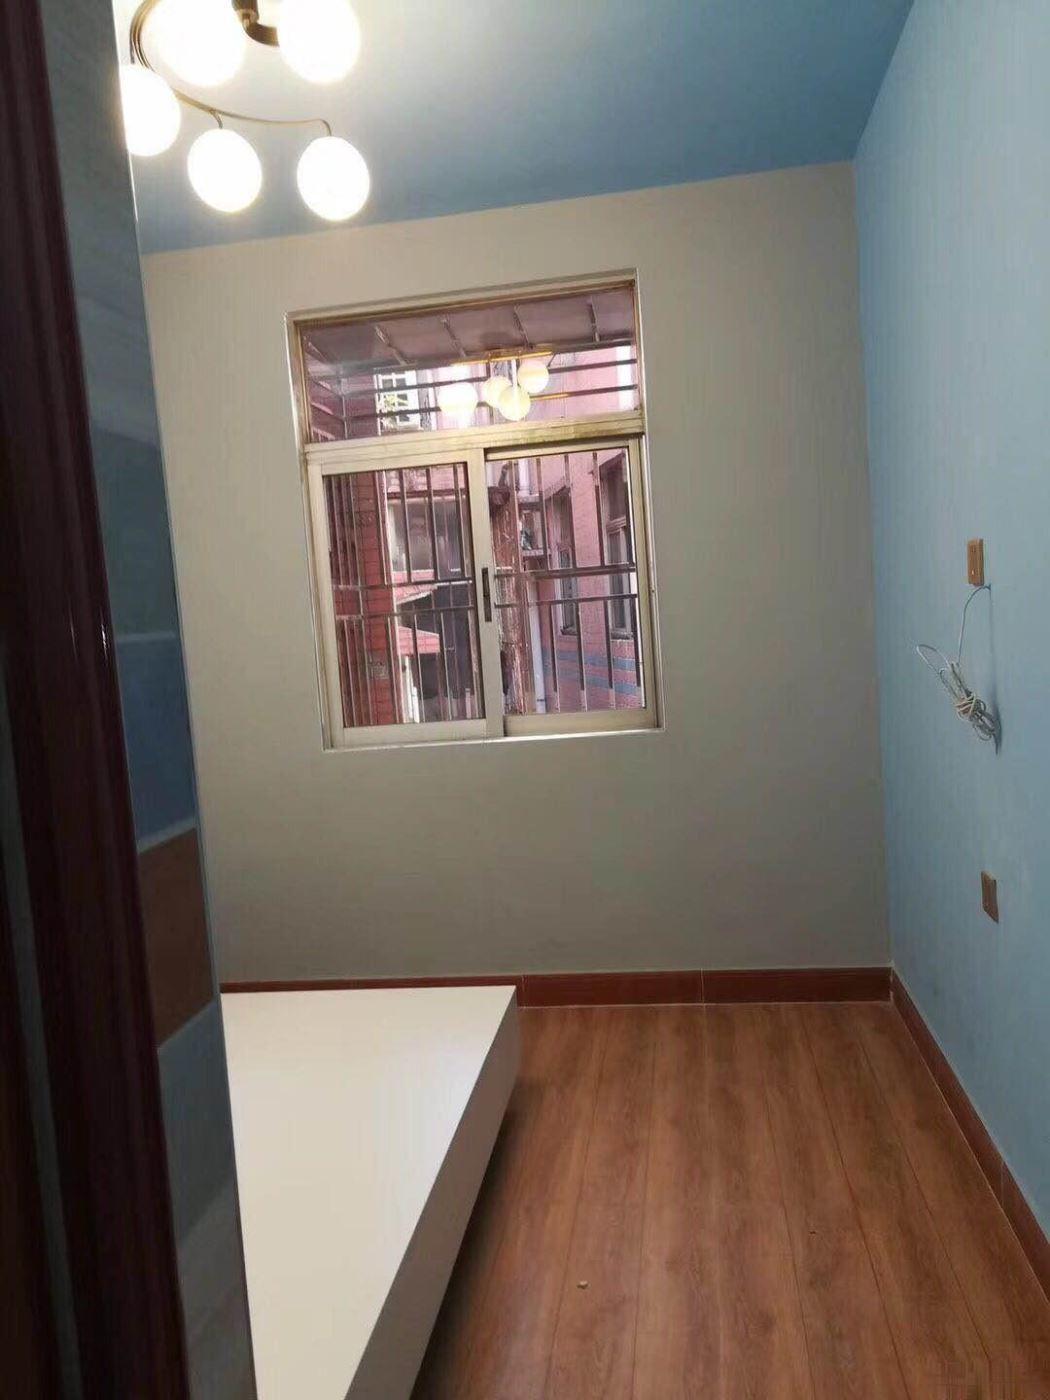 岗厦村 2280元 1室0厅1卫 精装修,好房百闻不如一岗厦村